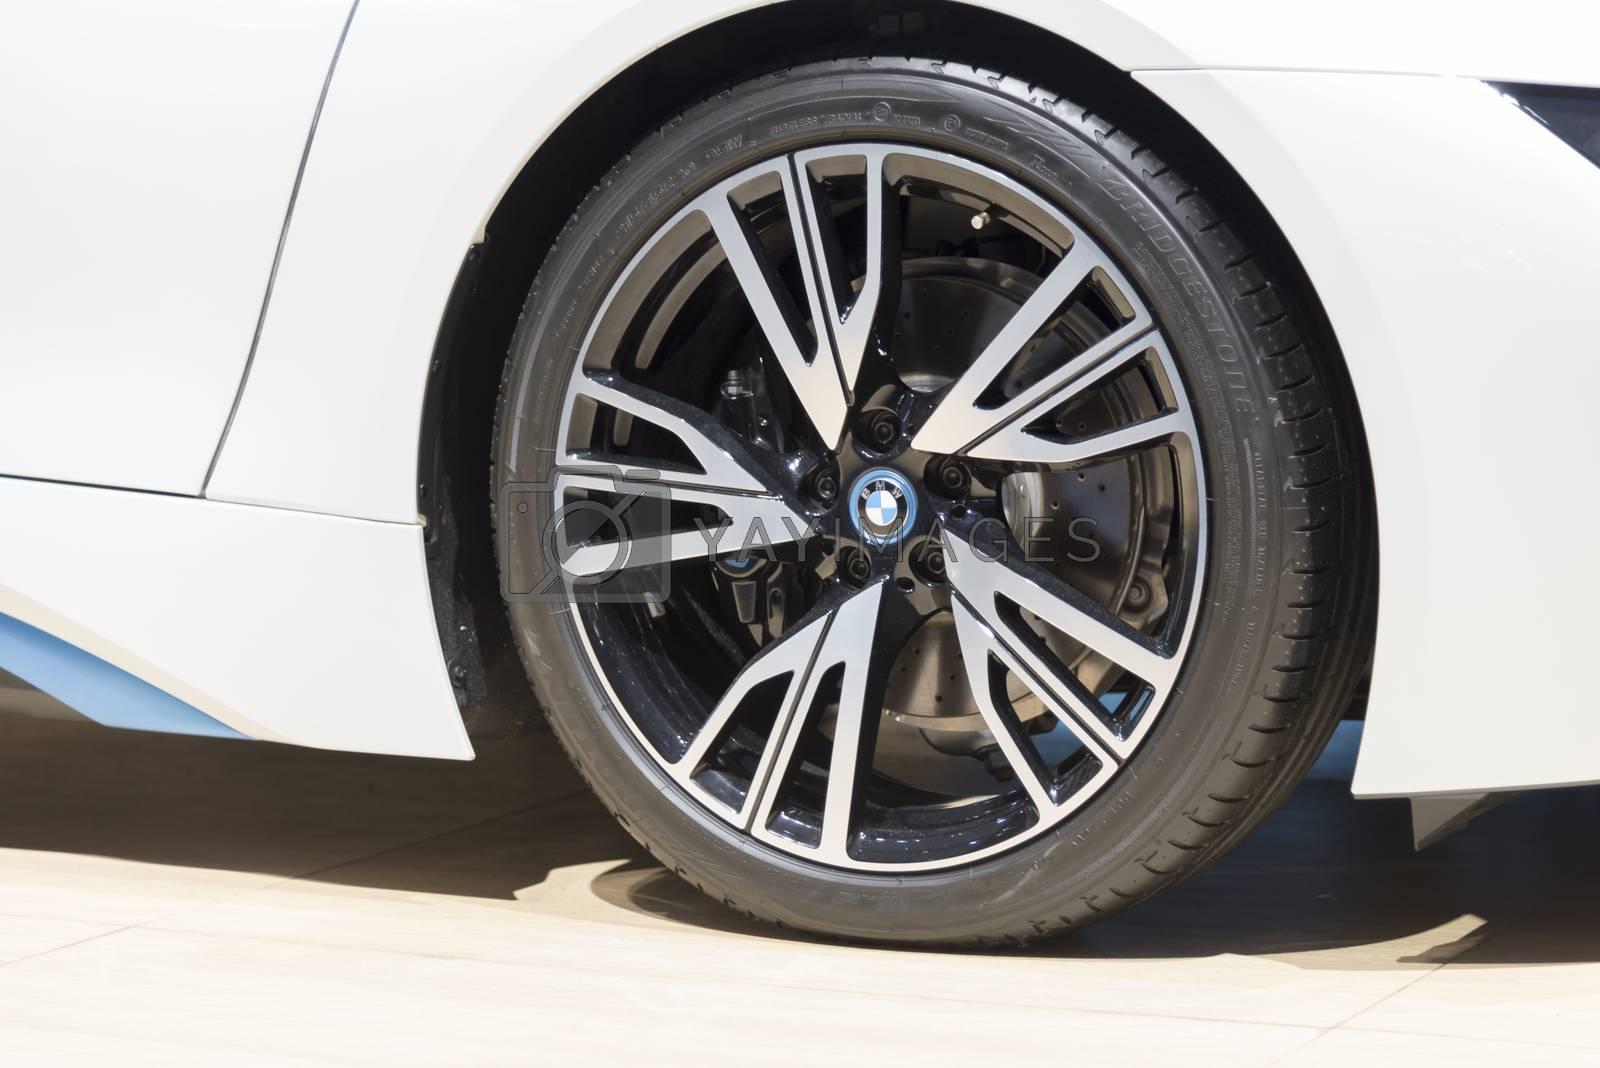 BANGKOK,THAILAND - APRIL 4 : Close up BMW car on April 4,2015 at the 36th Bangkok international motor show in Thailand.